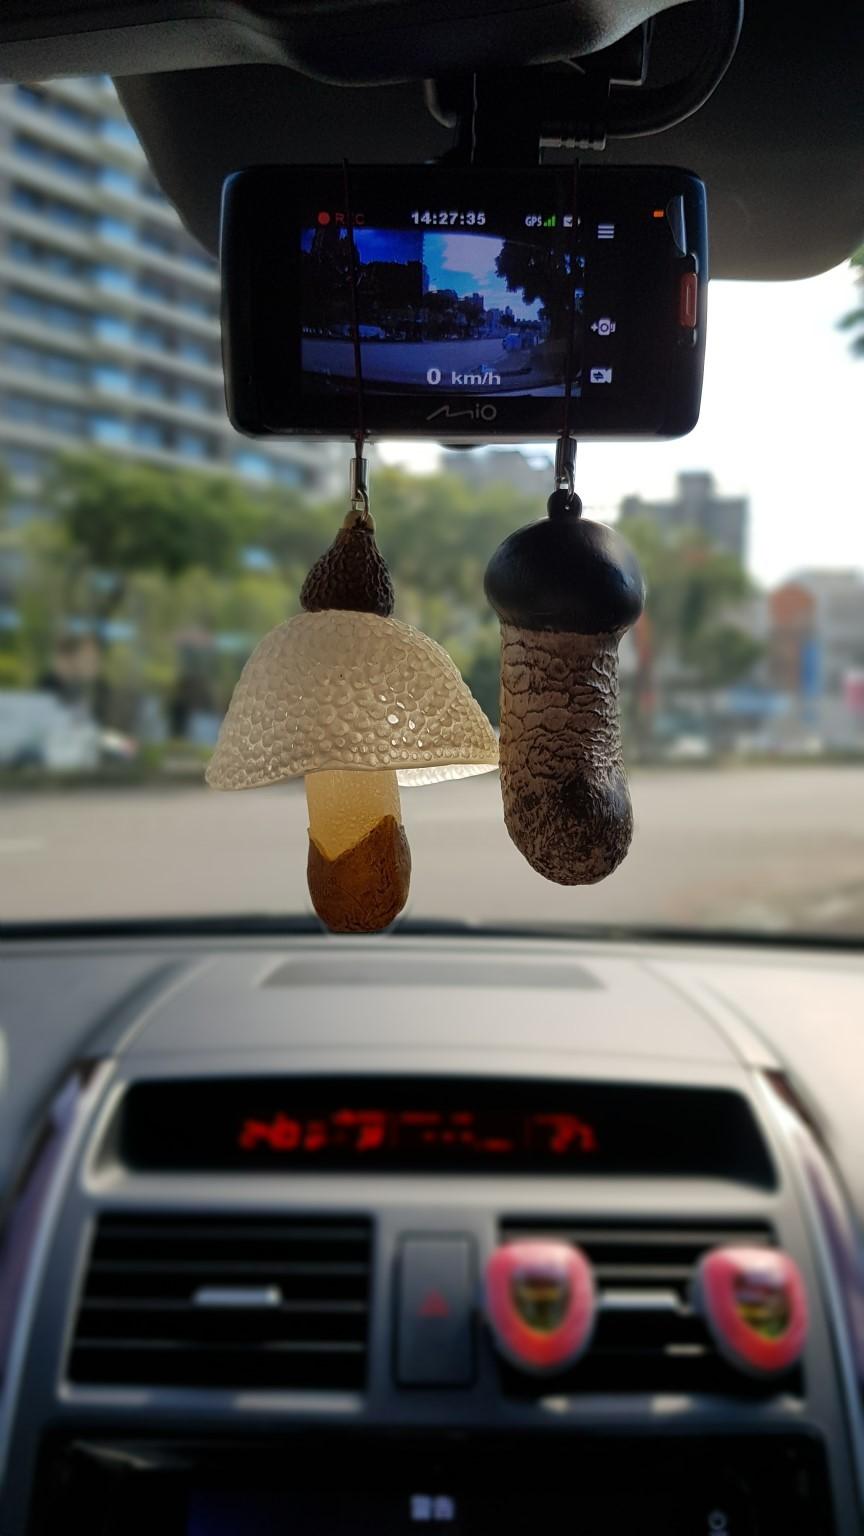 ▲後視鏡吊掛飾品,對要求車內環境的沈世朋,已經是最大讓步。